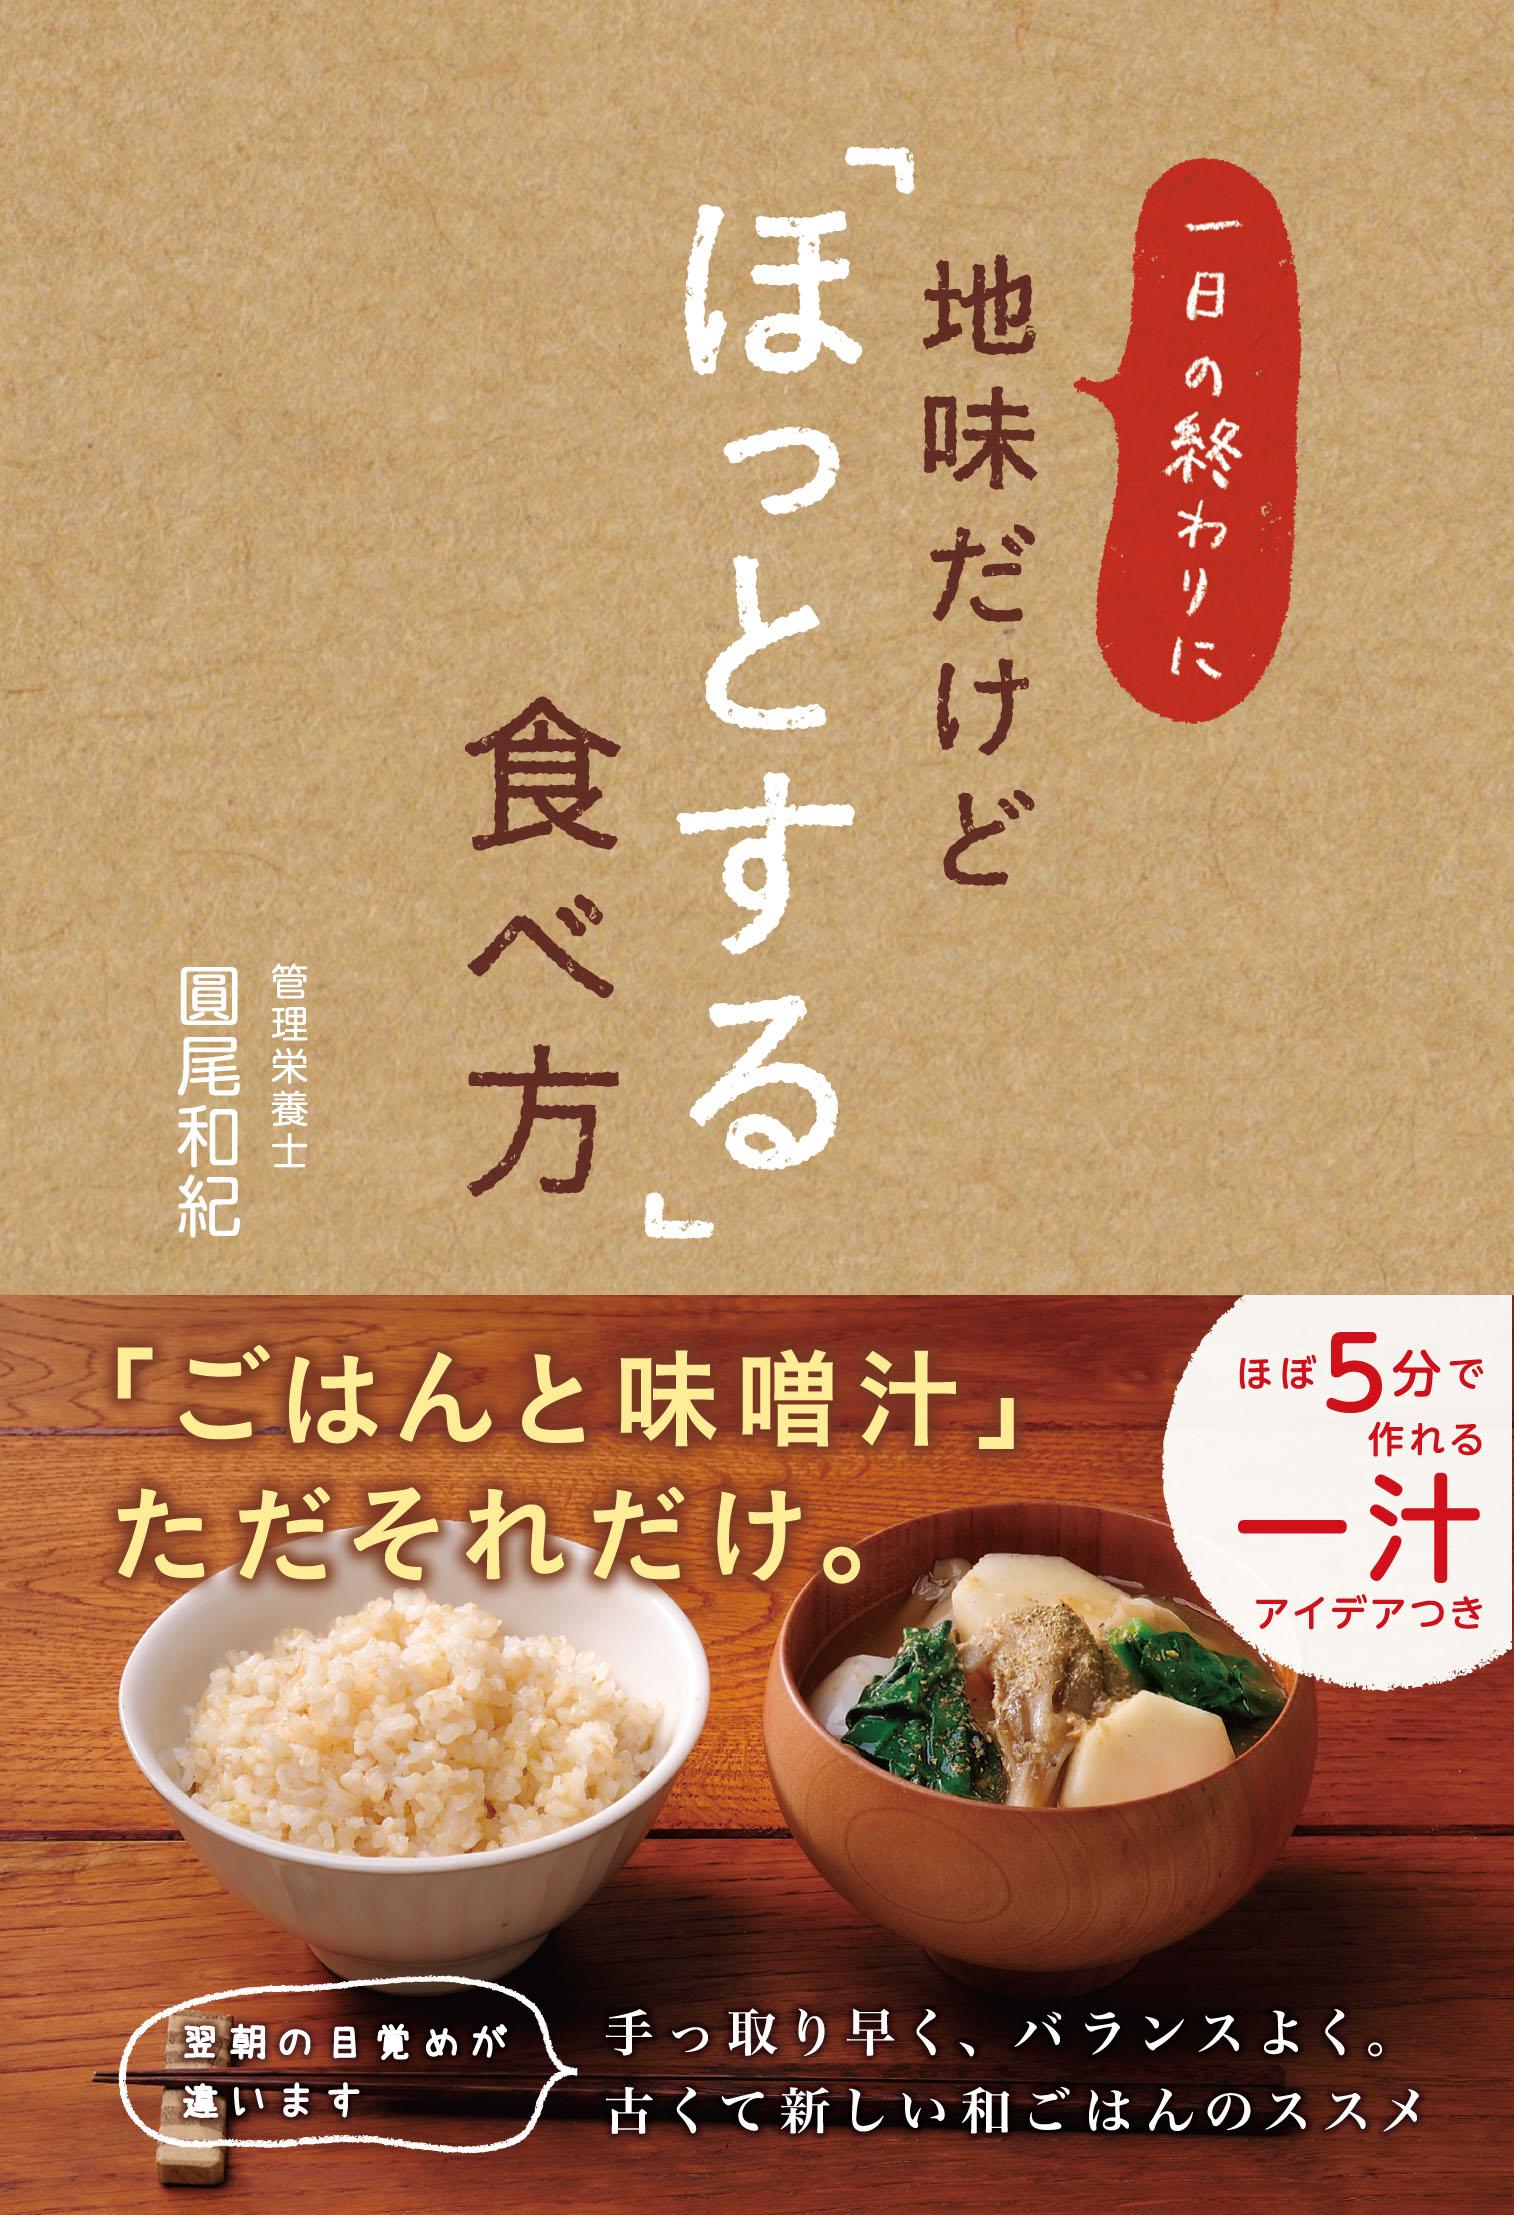 「一日の終わりに地味だけどほっとする食べ方」電子書籍版が発売になります!